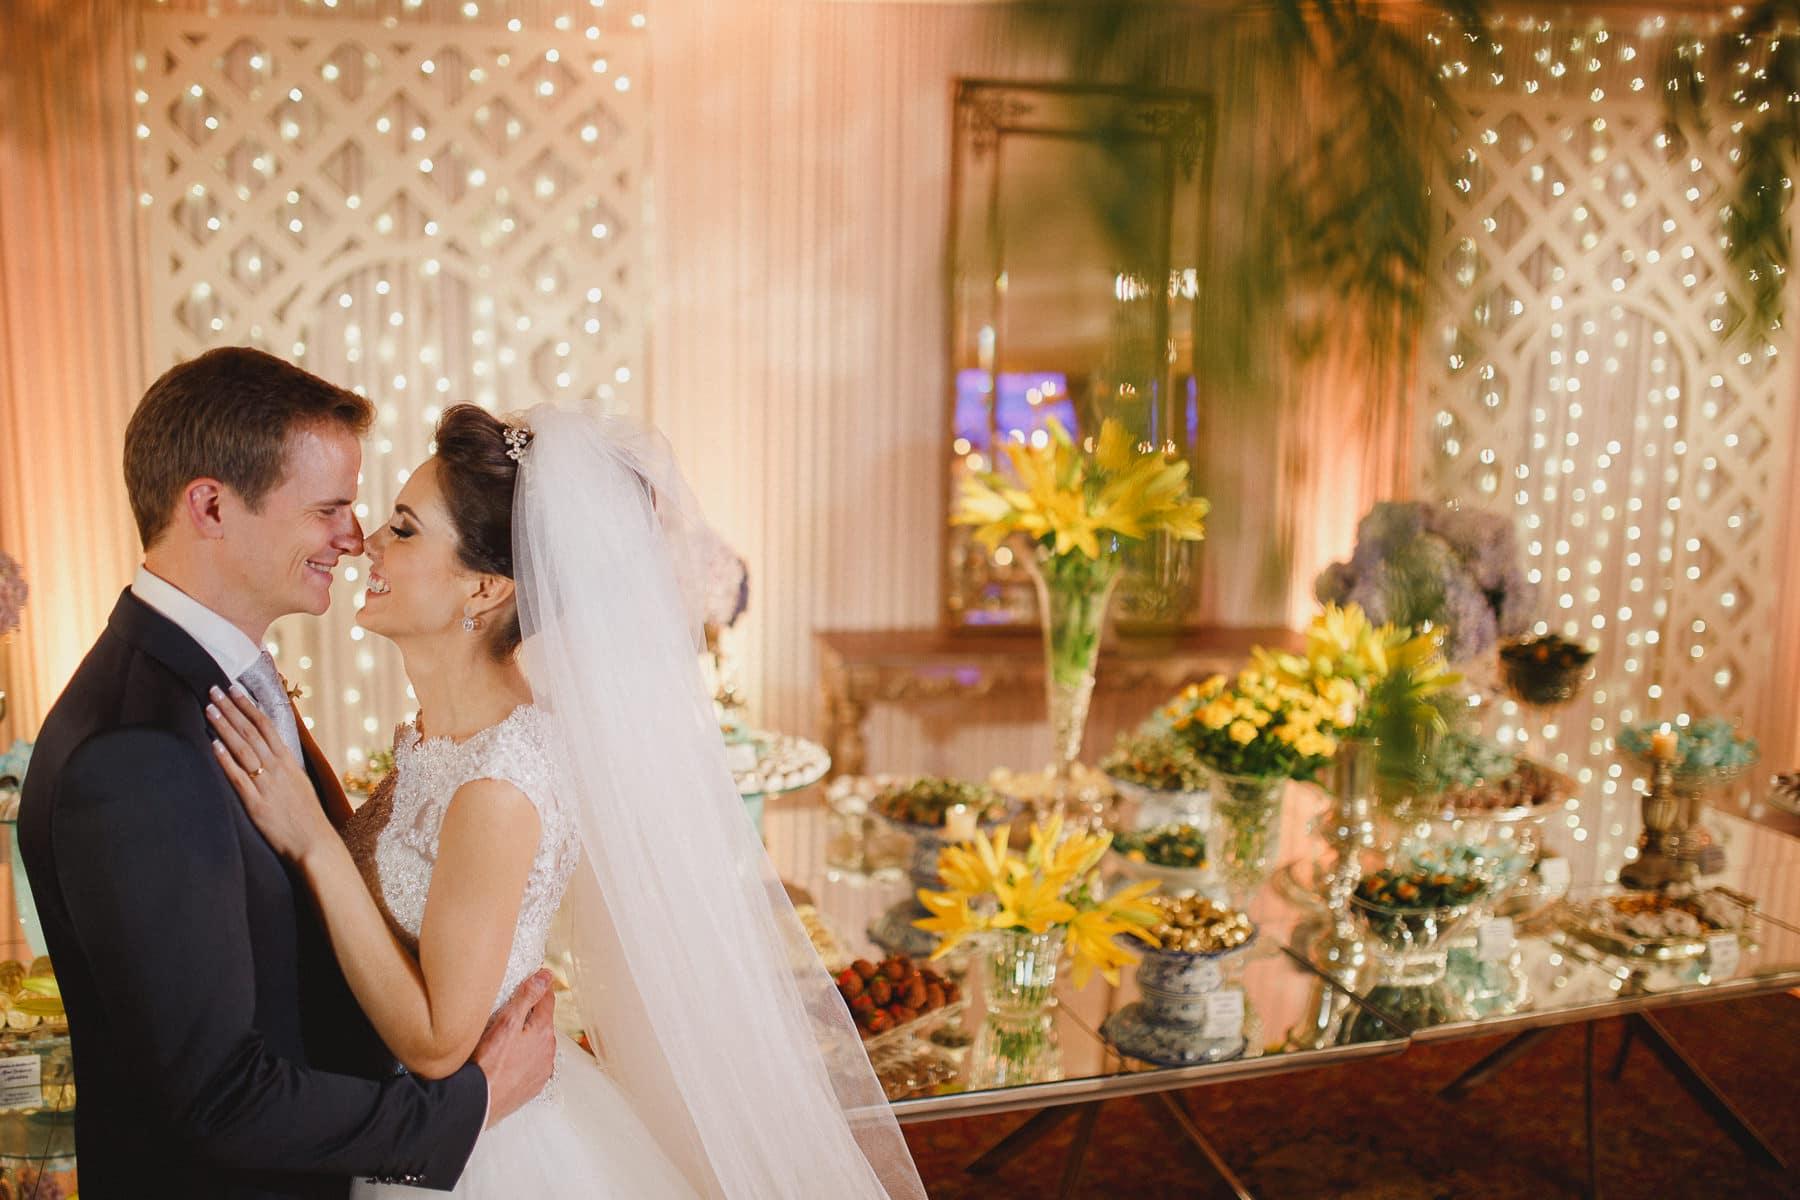 casamento-igreja-do-pequeno-grande-40